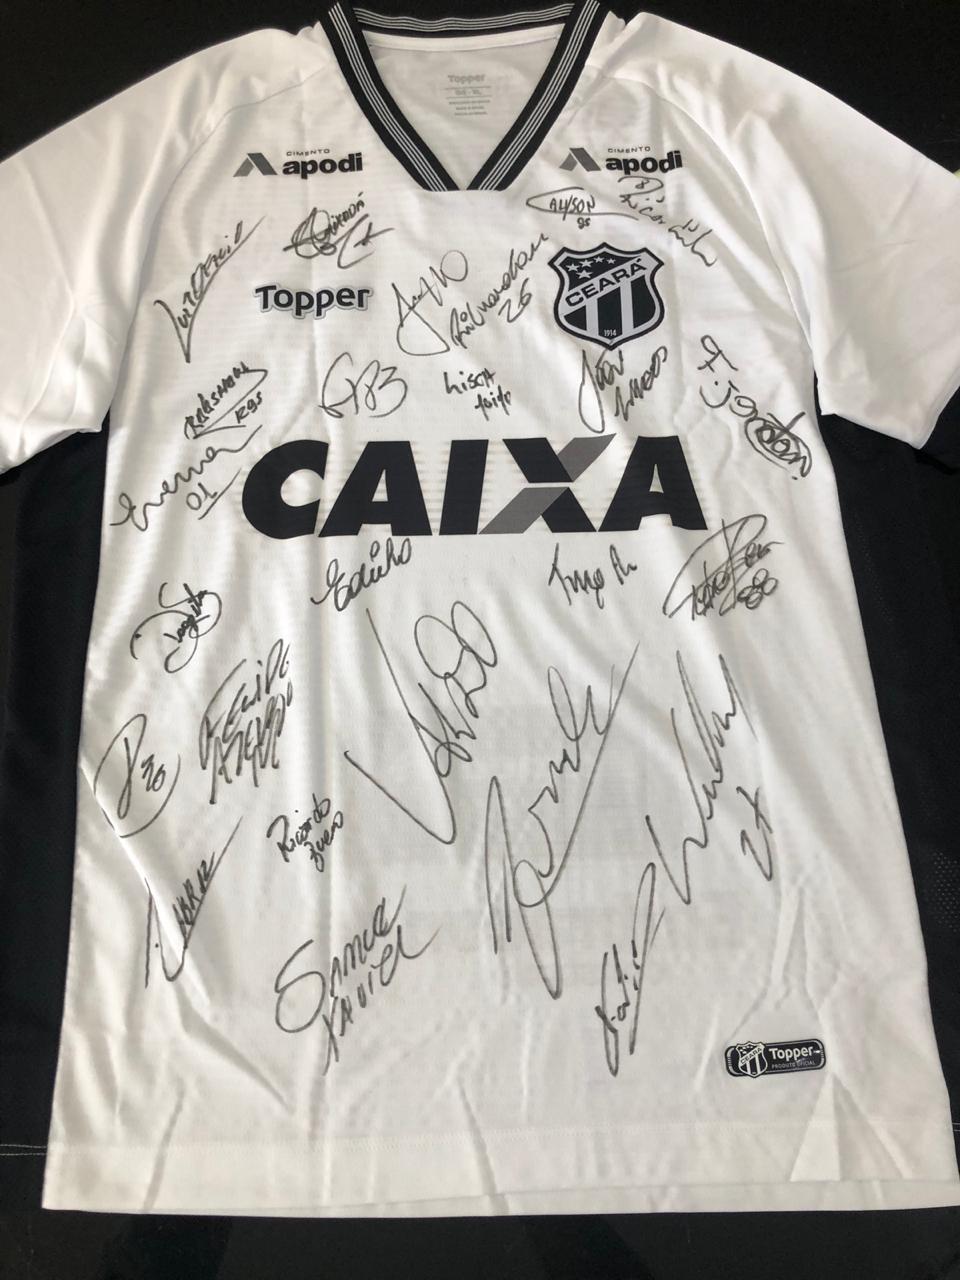 Camisa autografada do Ceará será leiloada no  Amigos em Ação  f18b6d2c60f65